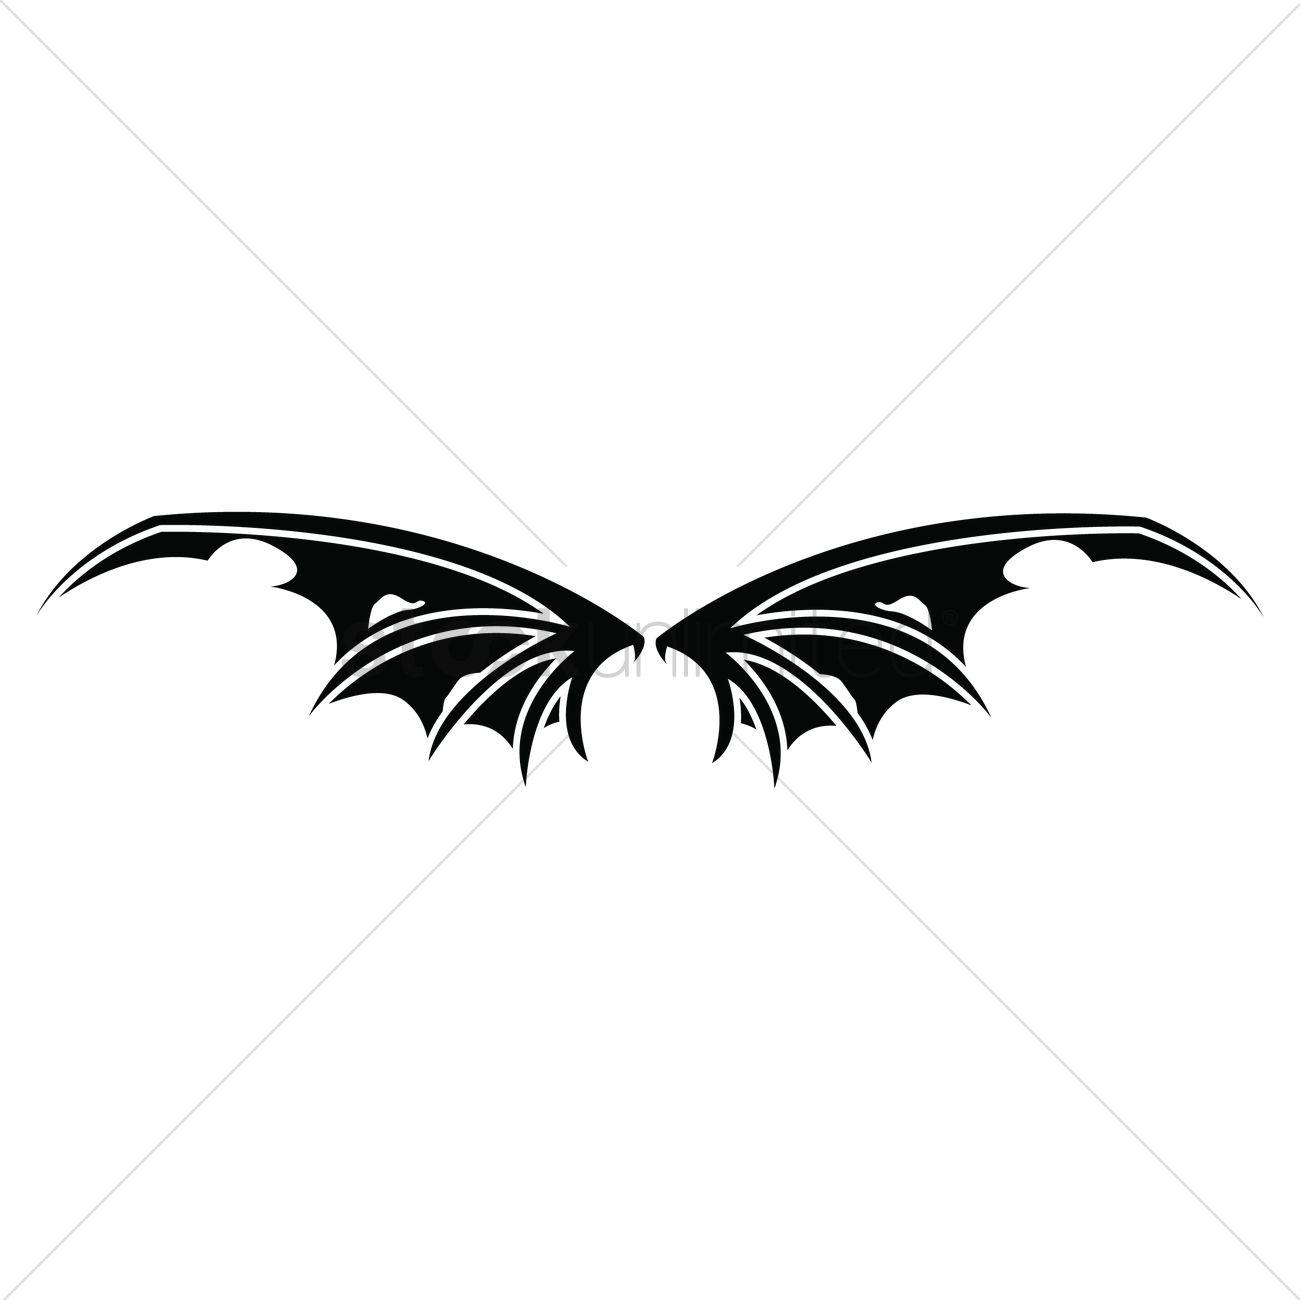 1300x1300 Bat Wings Vector Image